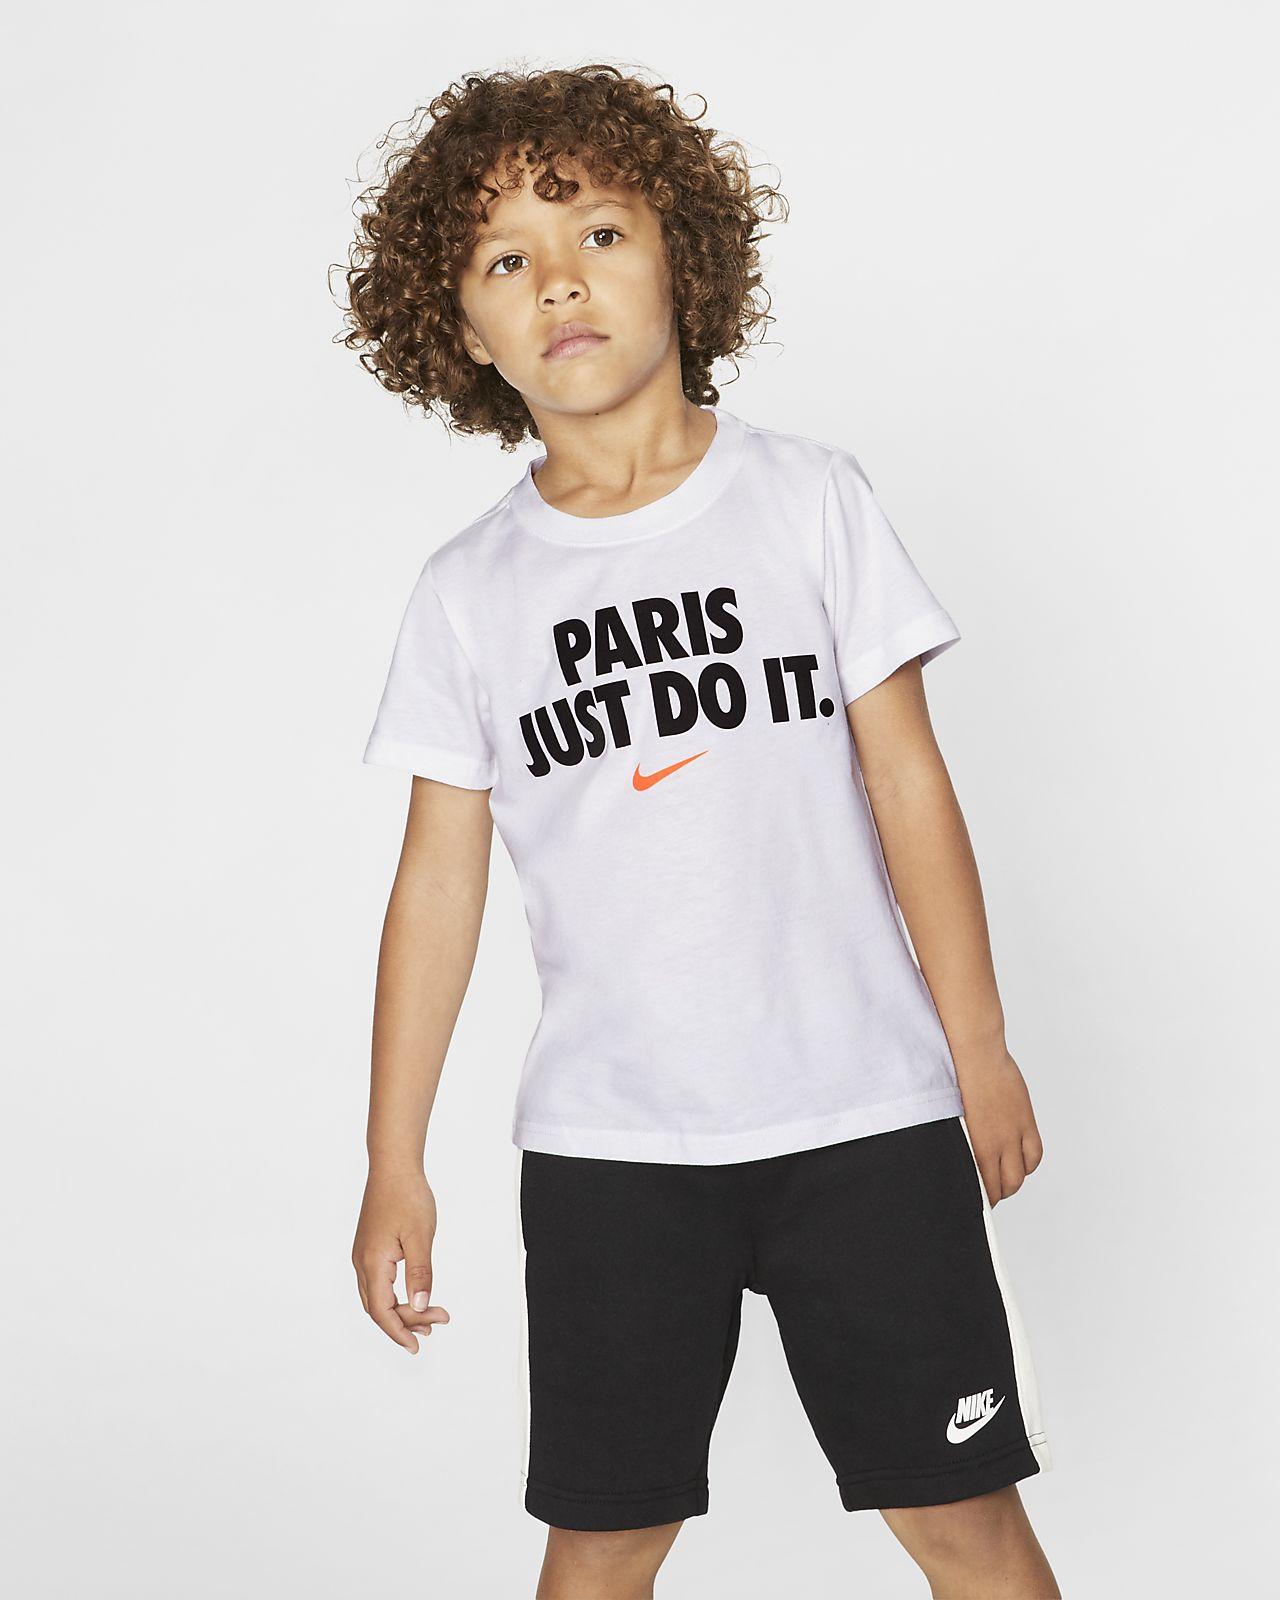 565485e6532a6 Tee-shirt JDI Nike pour Jeune enfant. Nike.com FR